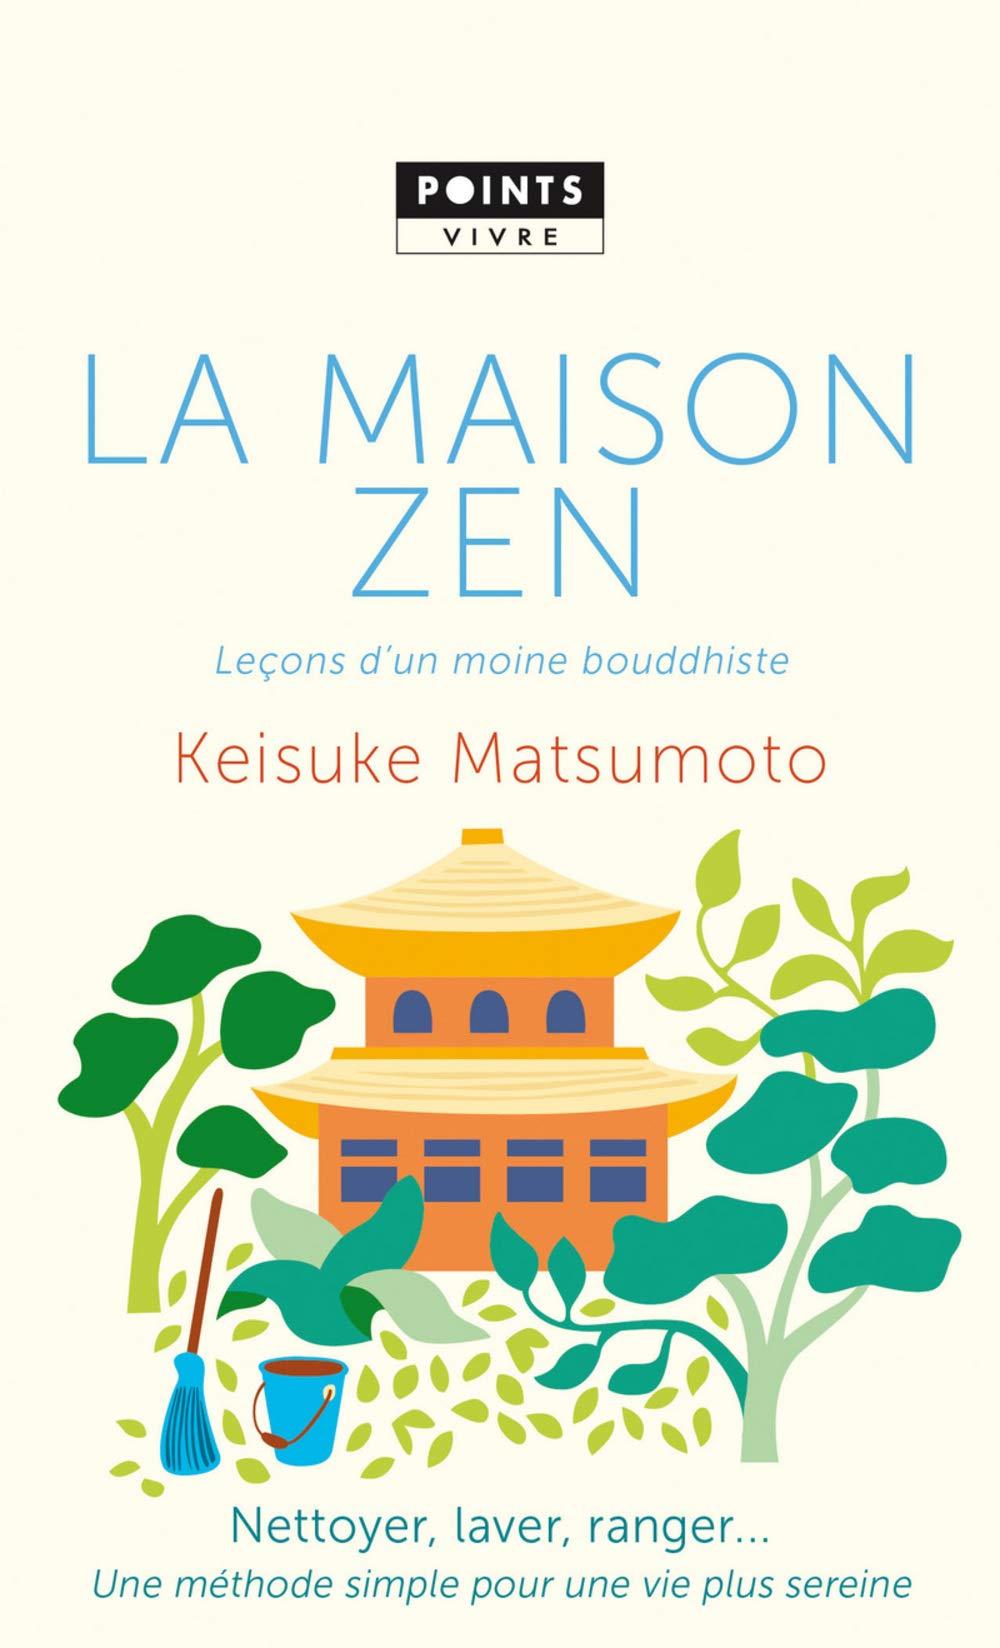 La maison zen - Leçons d'un moine bouddhiste por Keisuke Matsumoto